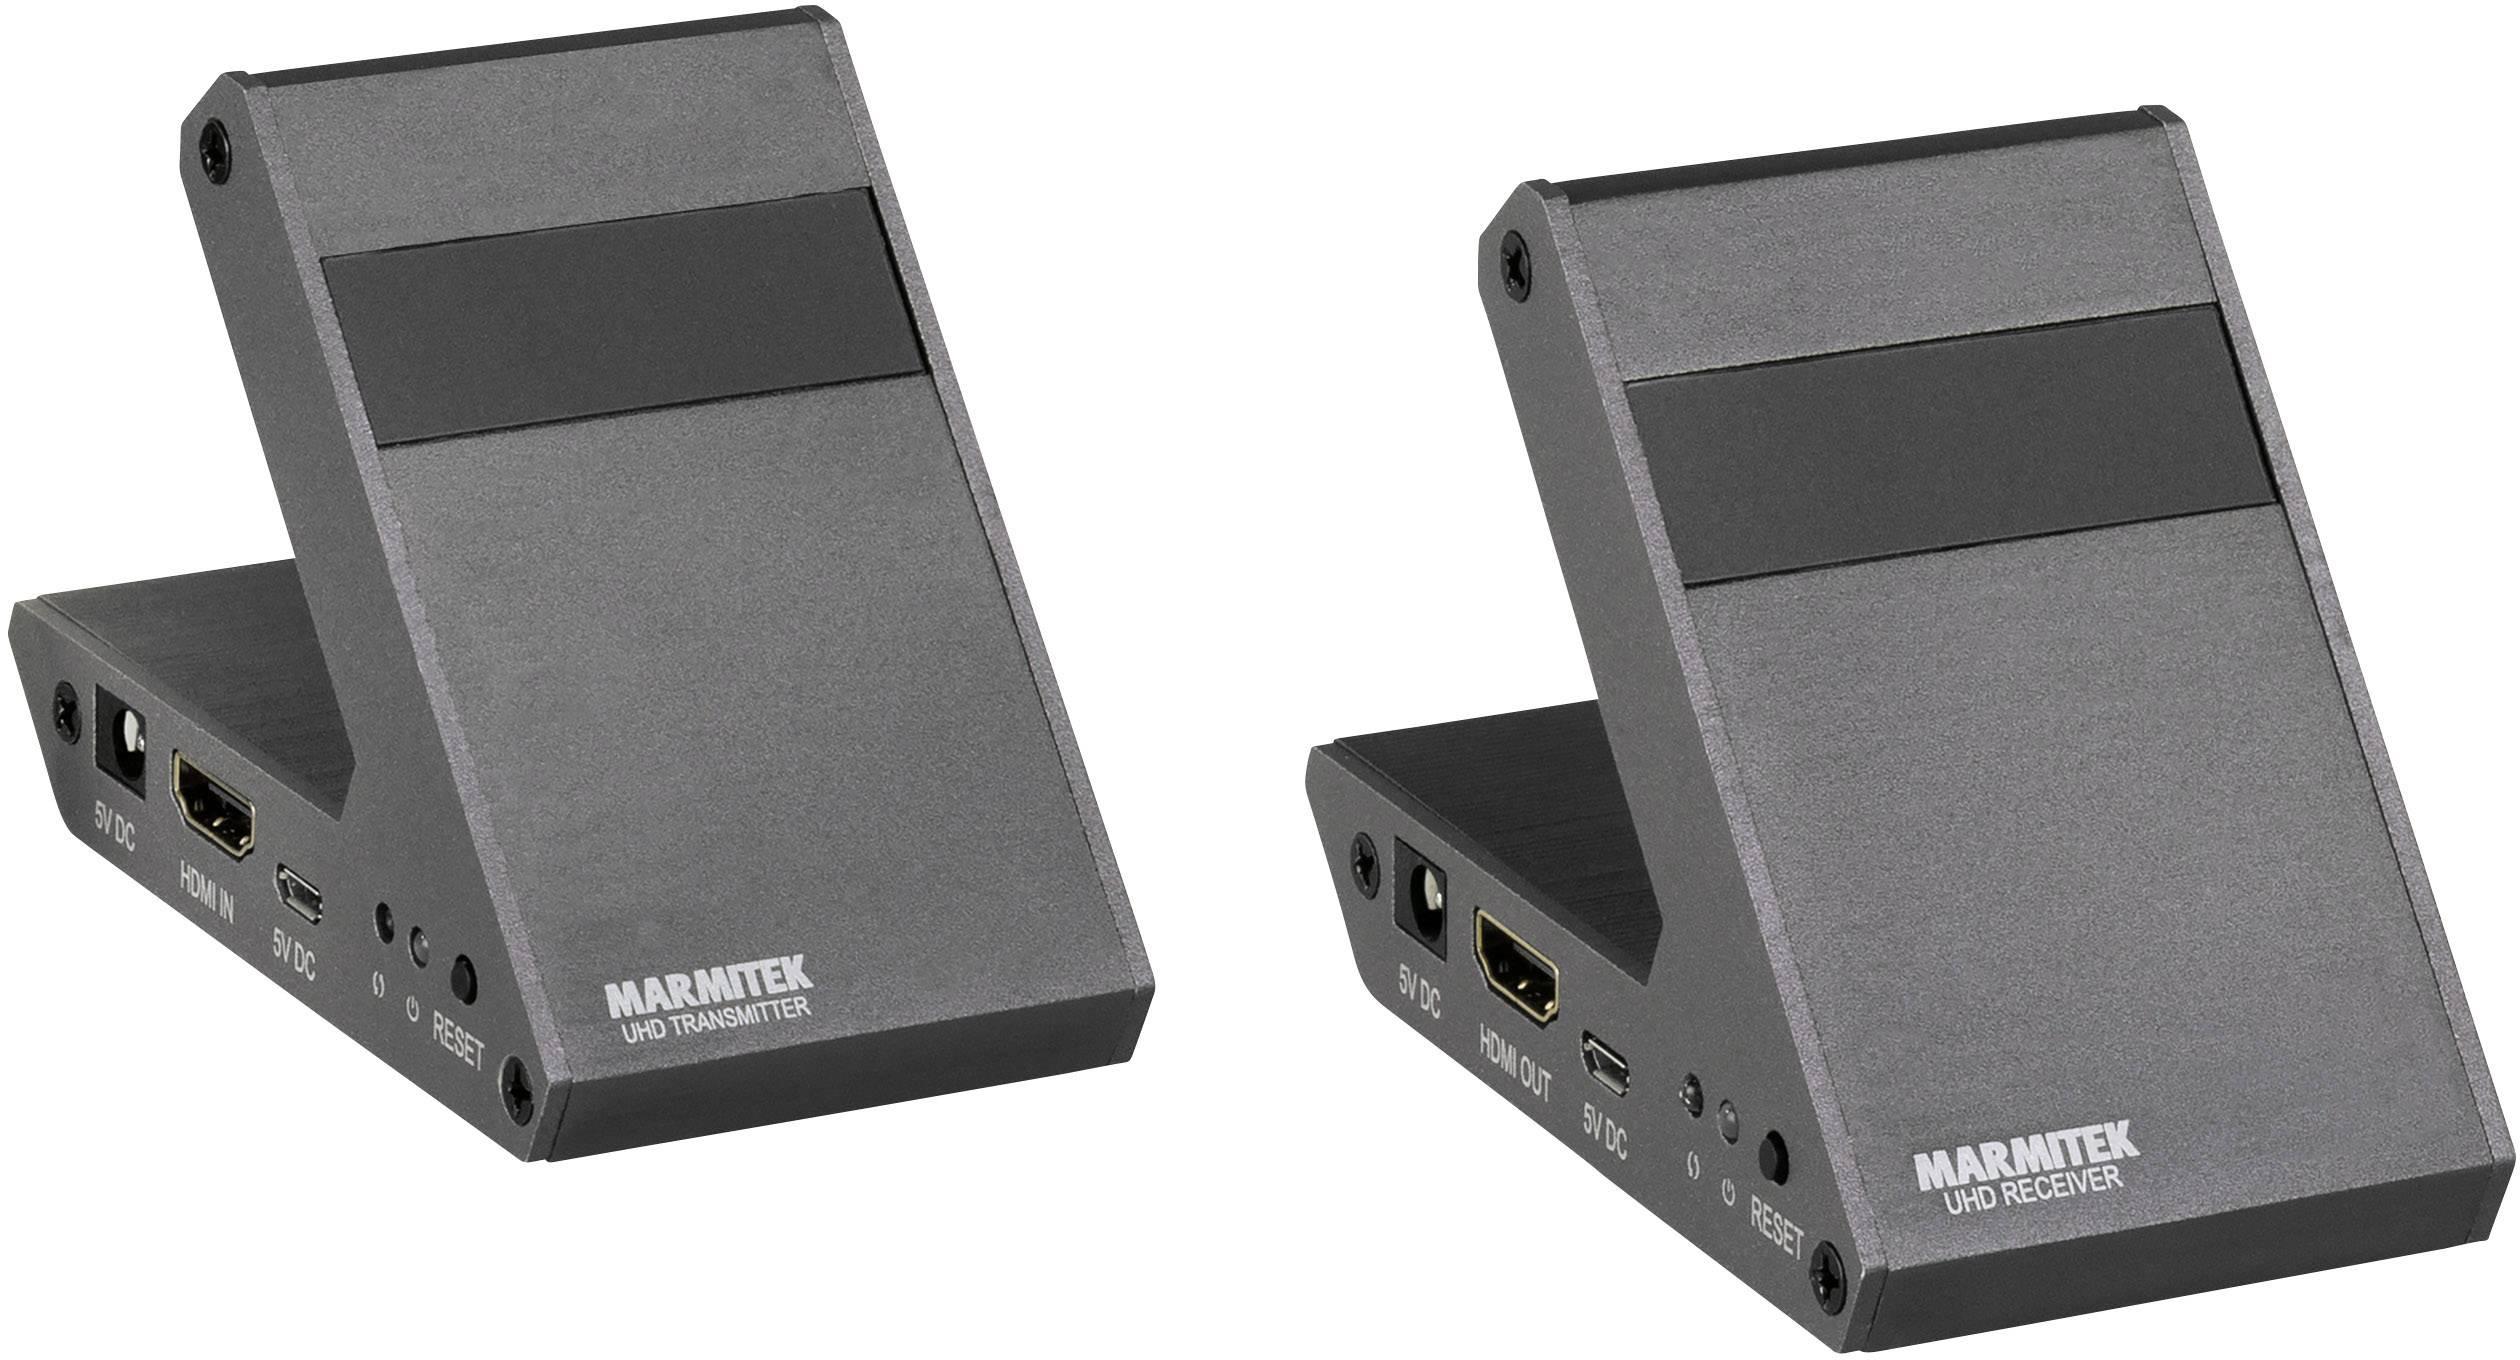 Marmitek GigaView 911 UHD HDMI naprava za brezžični prenos (komplet) 10 m 5.4 GHz 3840 x 2160 piksel